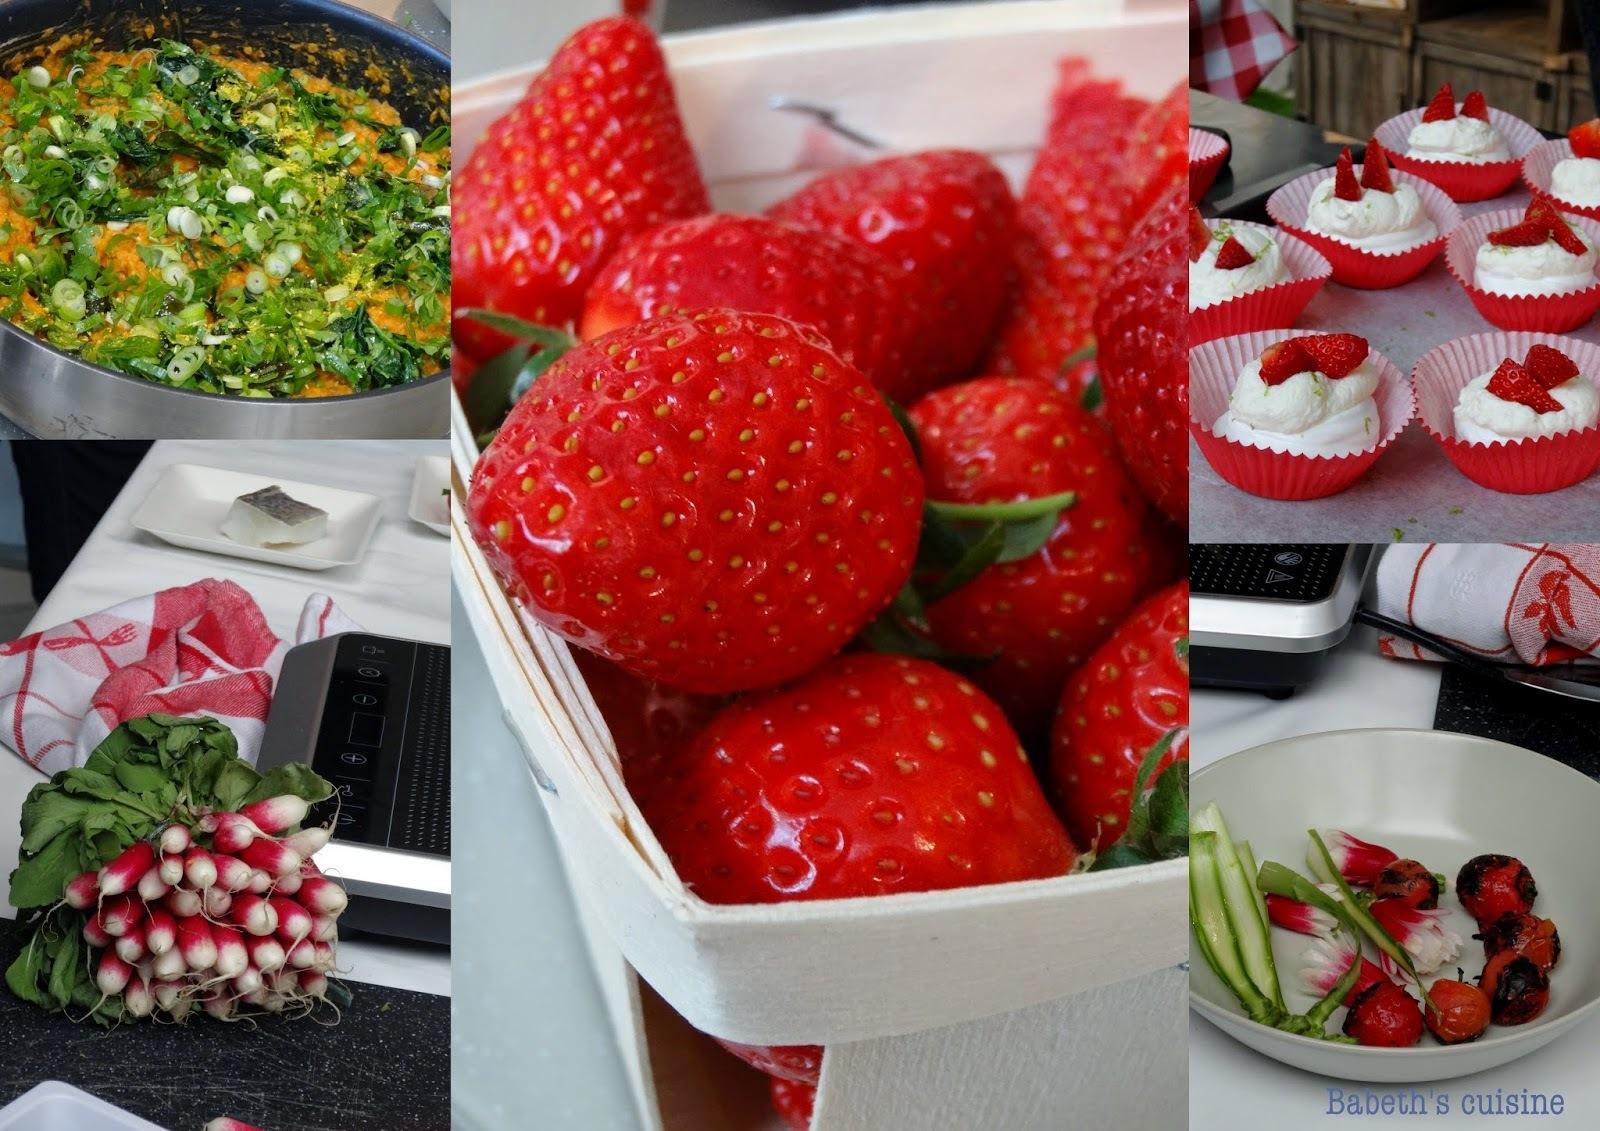 Paris....un salon du blog....une recette de légumes avec Lidl...une rencontre sympa...